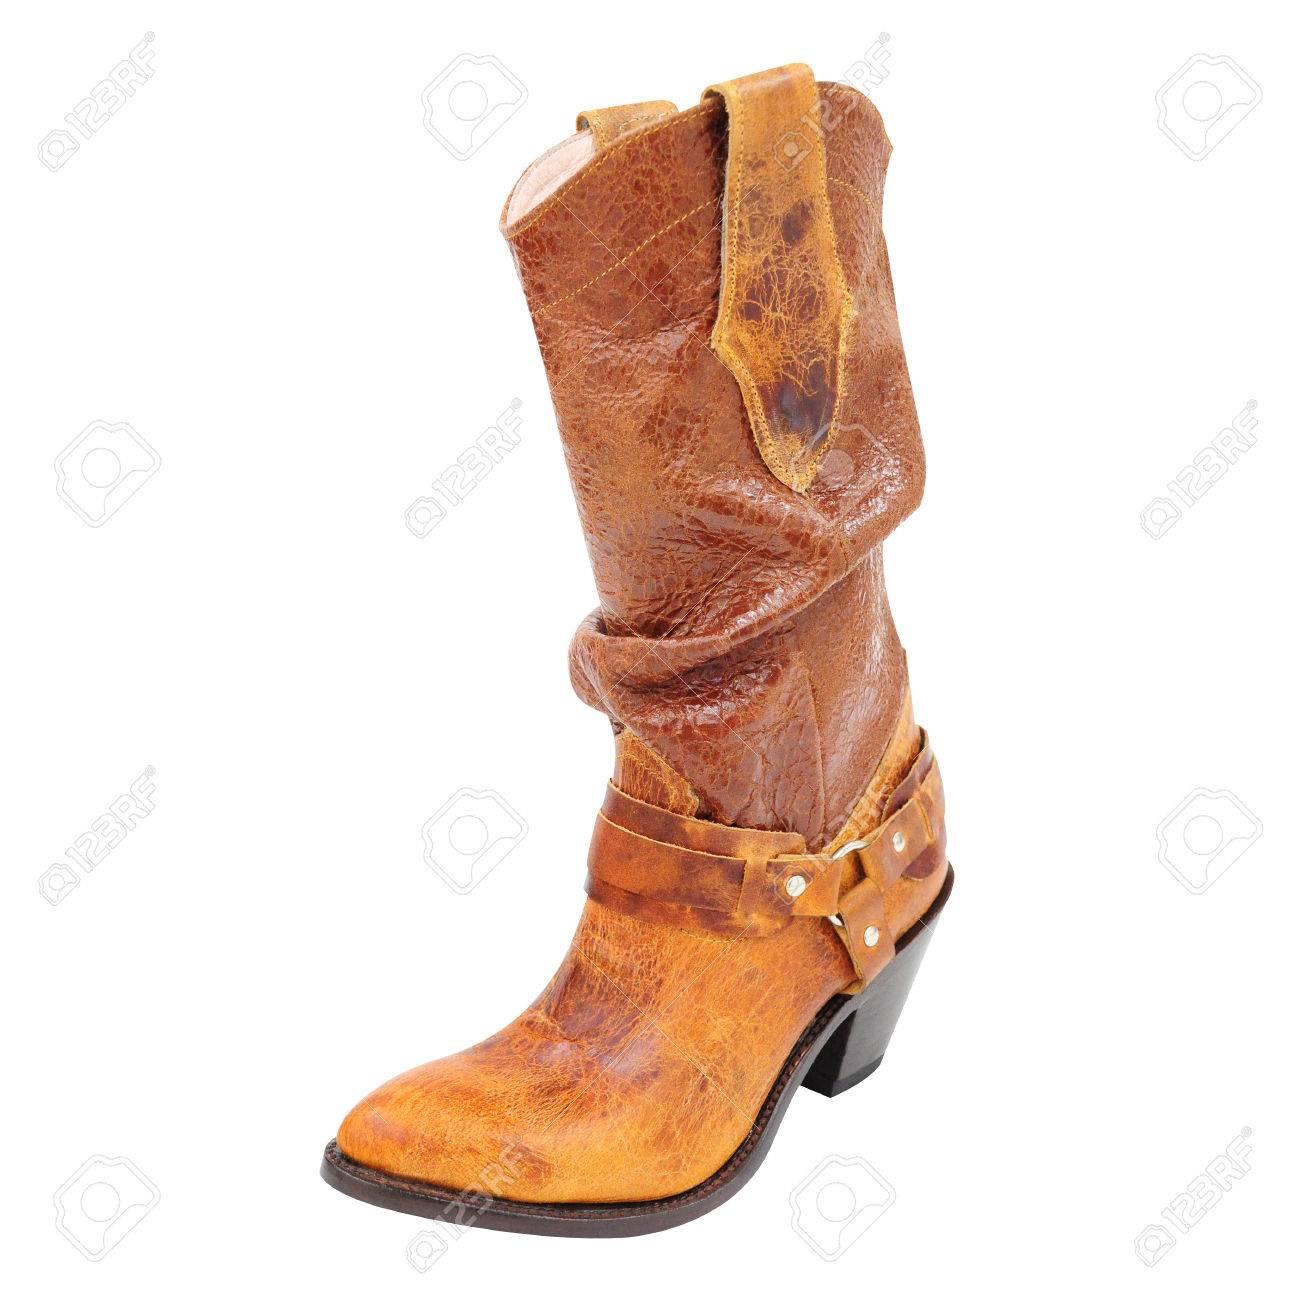 32b054a6a477cb High Fashion Boot